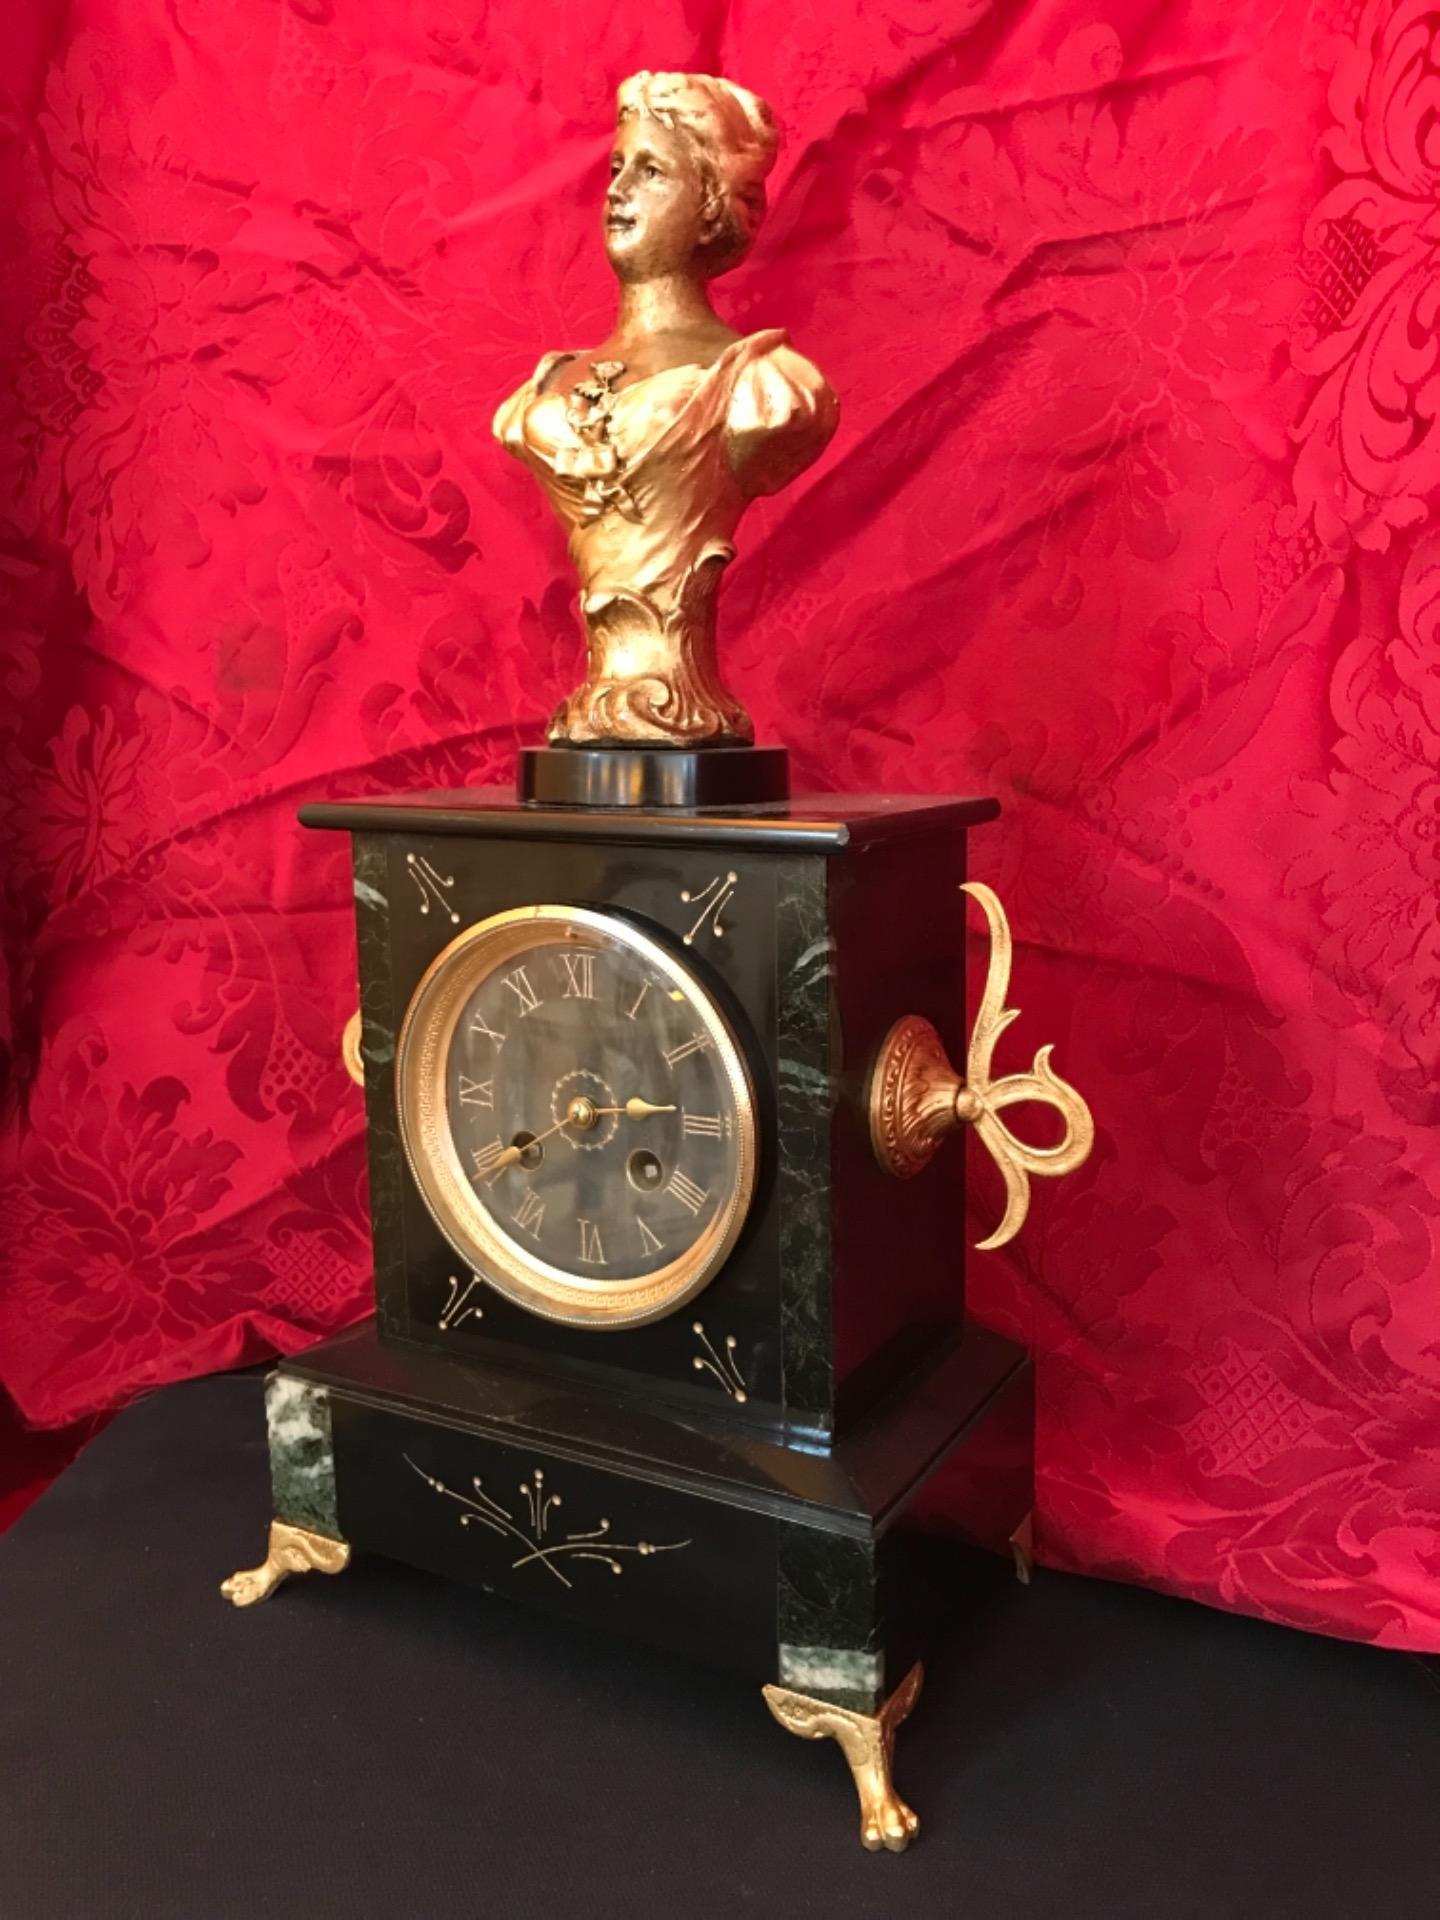 thumb2|Orologio a pendolo con scultura firmata Mestais